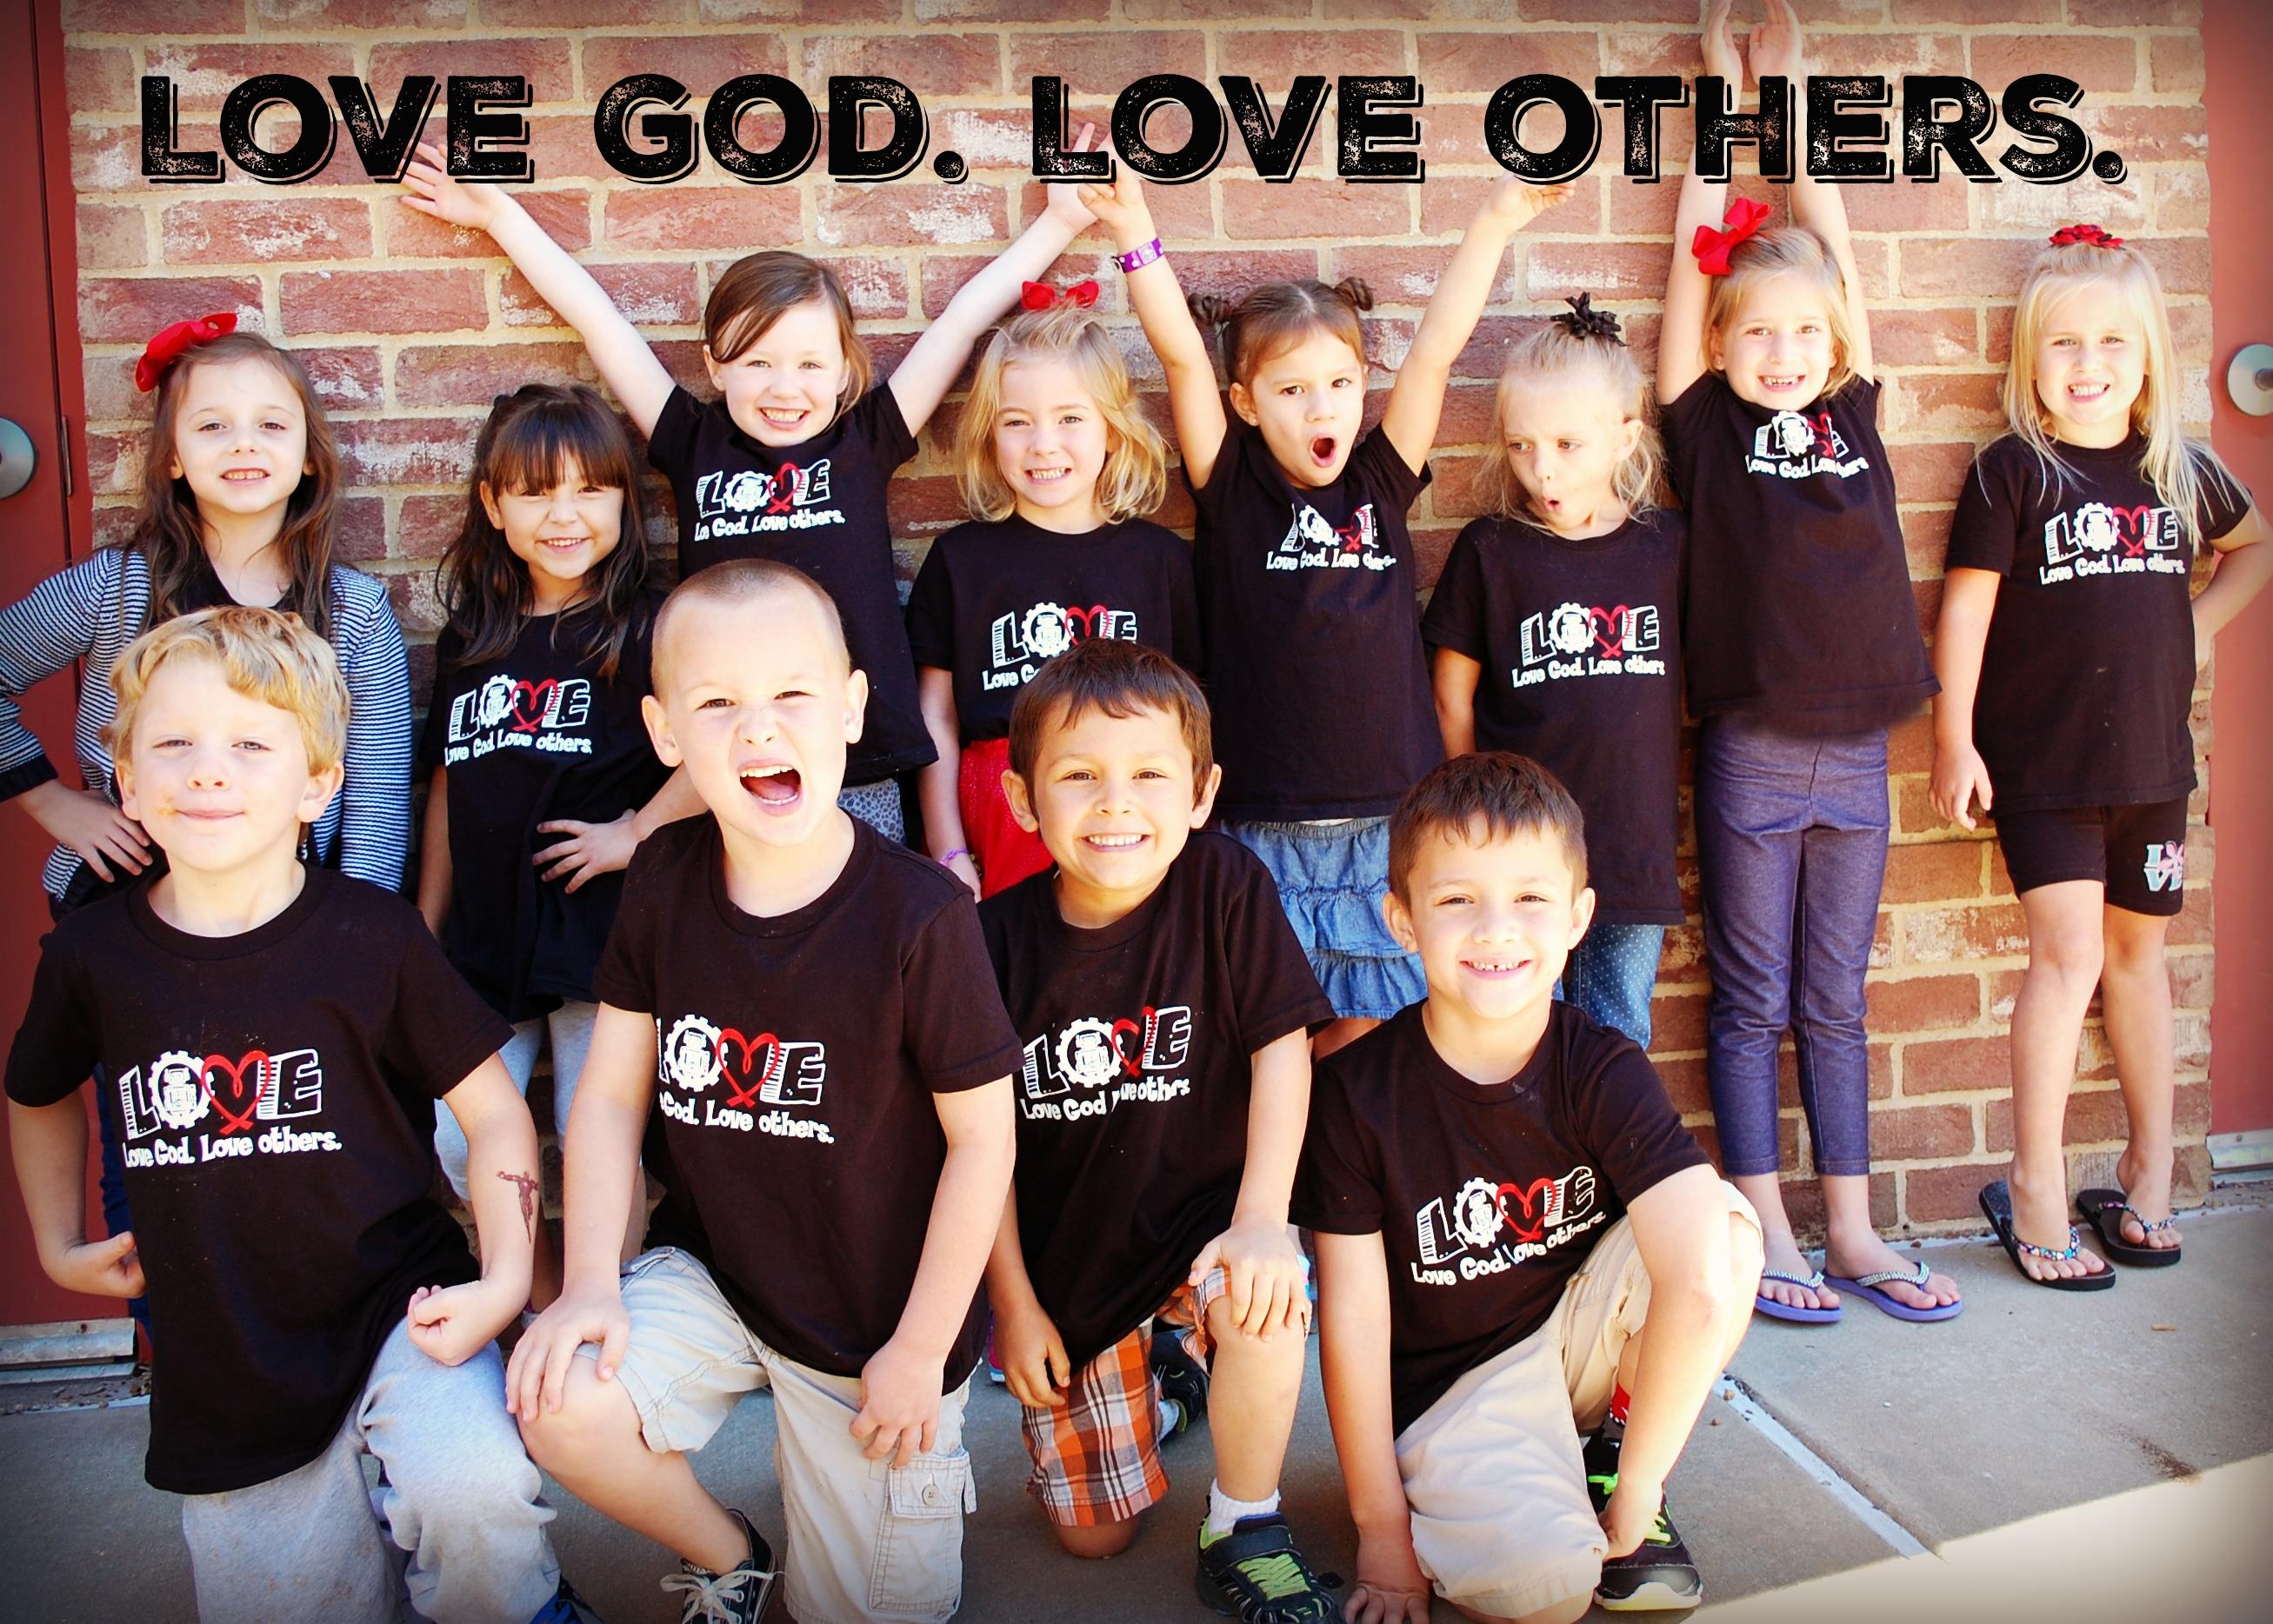 Custom T-Shirts for Kindergarten Class Of 2017 - Shirt Design Ideas